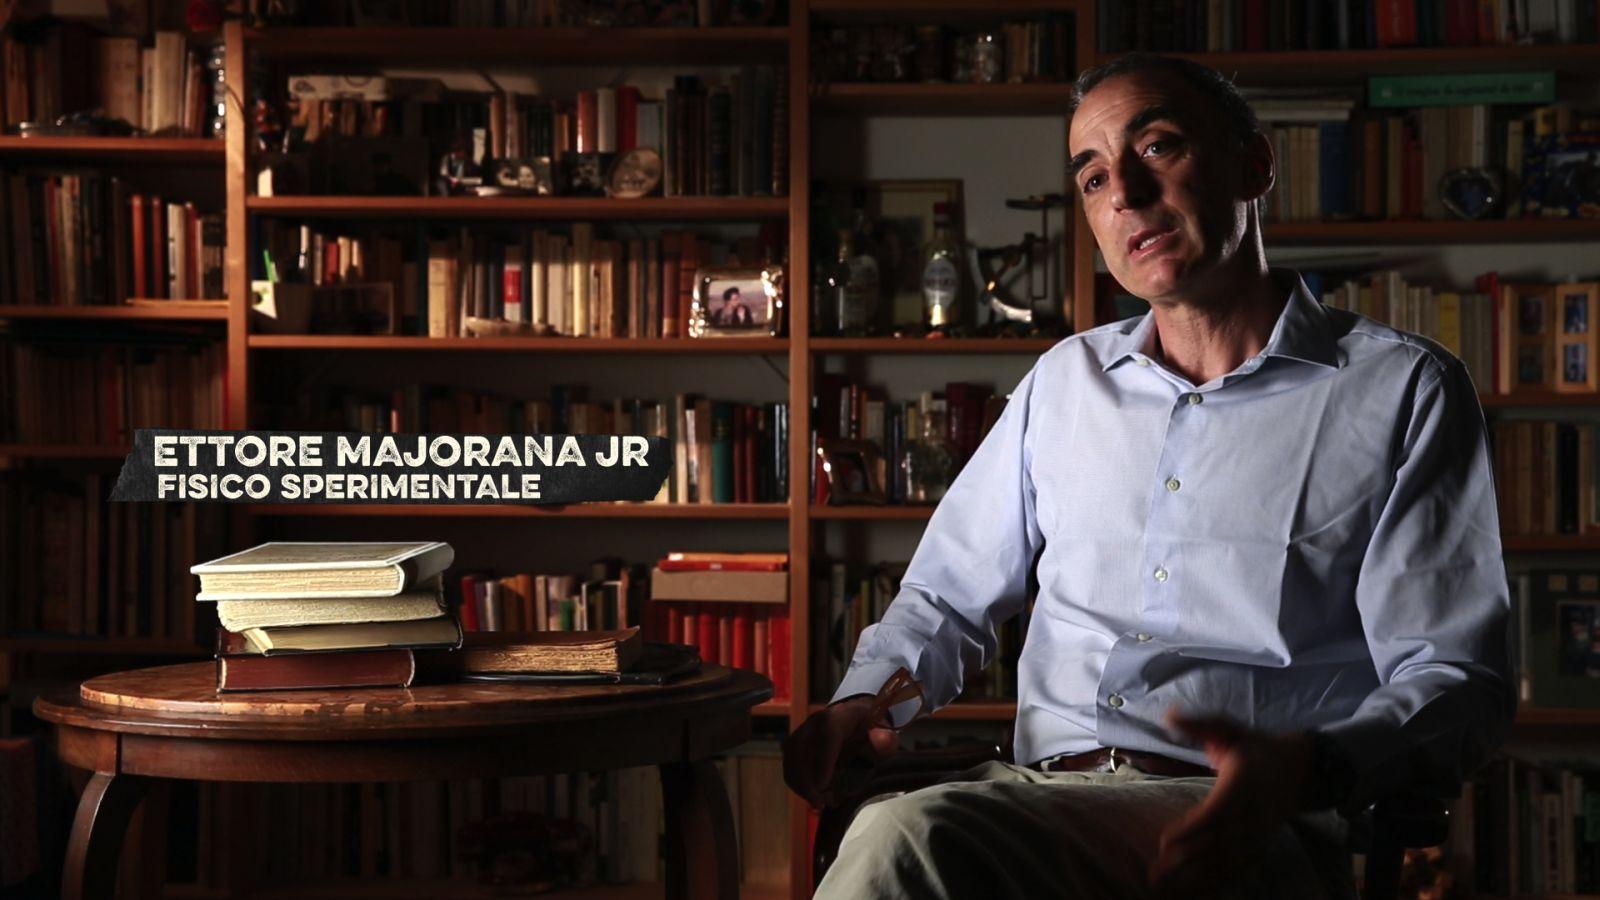 Nessuno mi troverà - Majorana Memorandum: Ettore Majorana Jr. in un'immagine del documentario